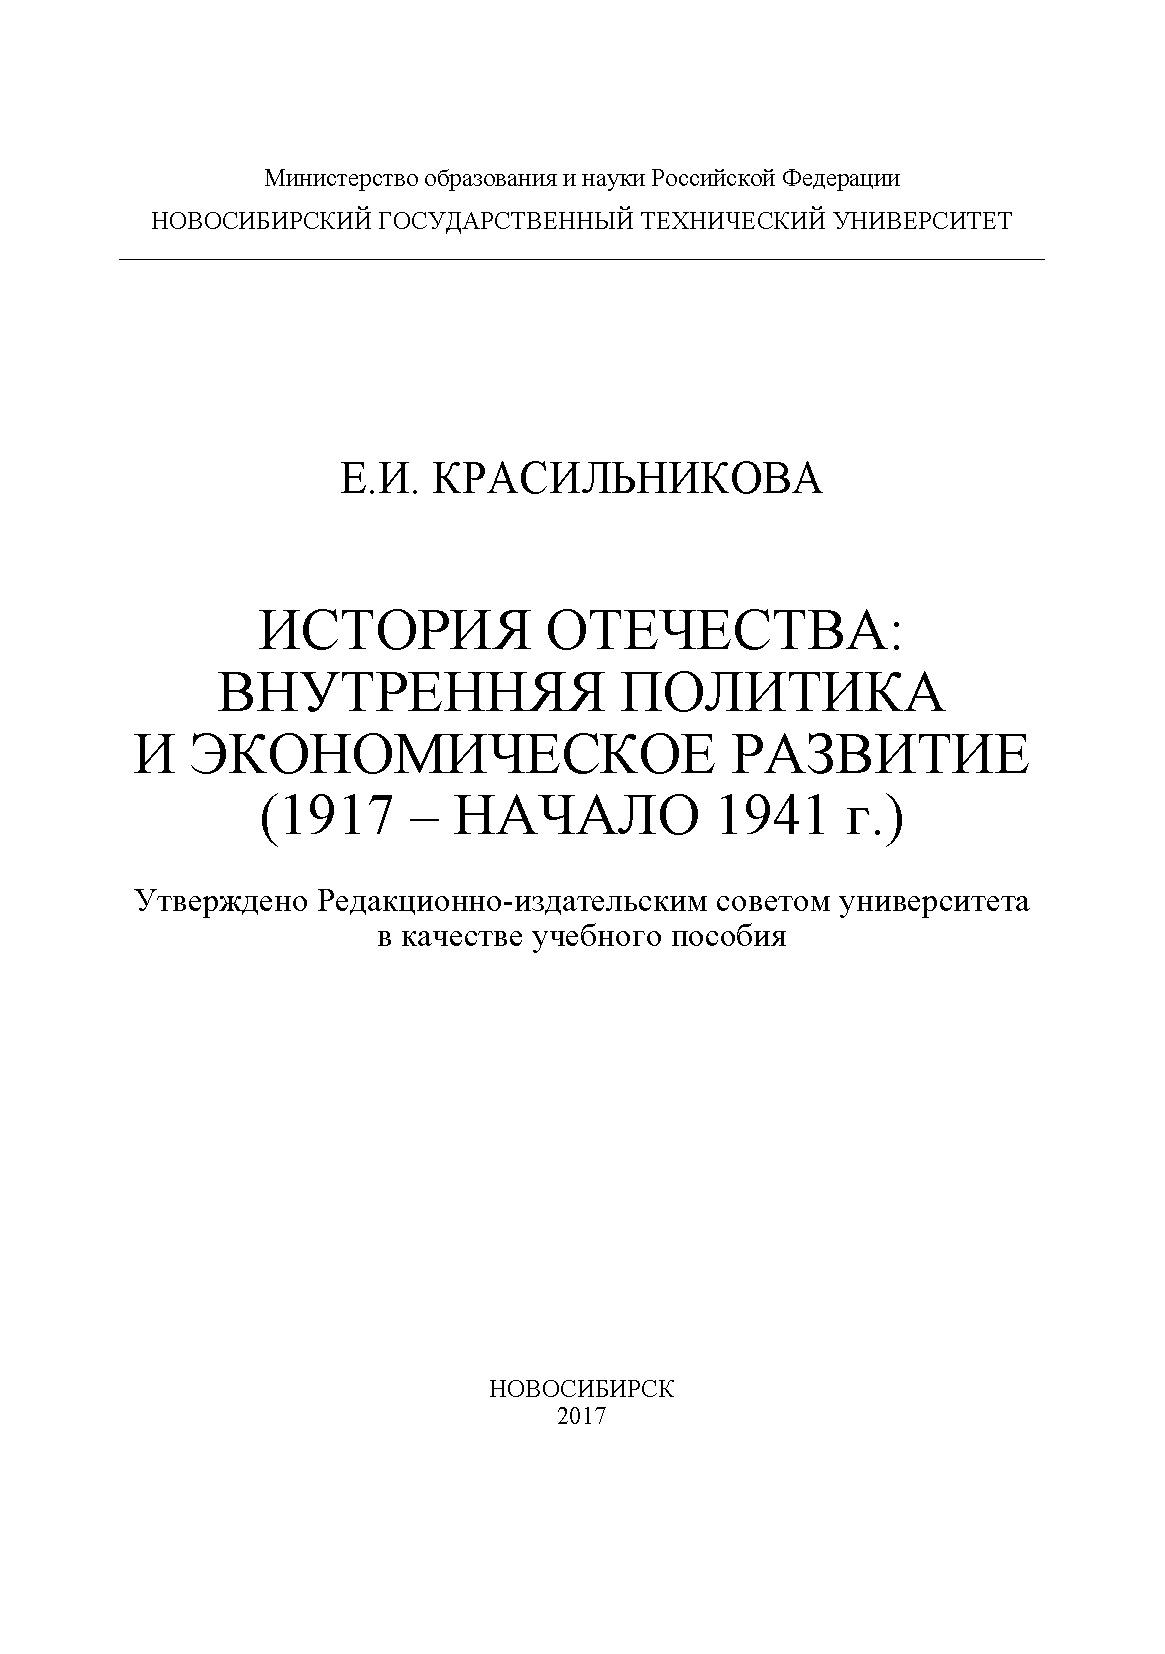 История Отечества: внутренняя политика и экономическое развитие (1917 – начало 1941 г.)